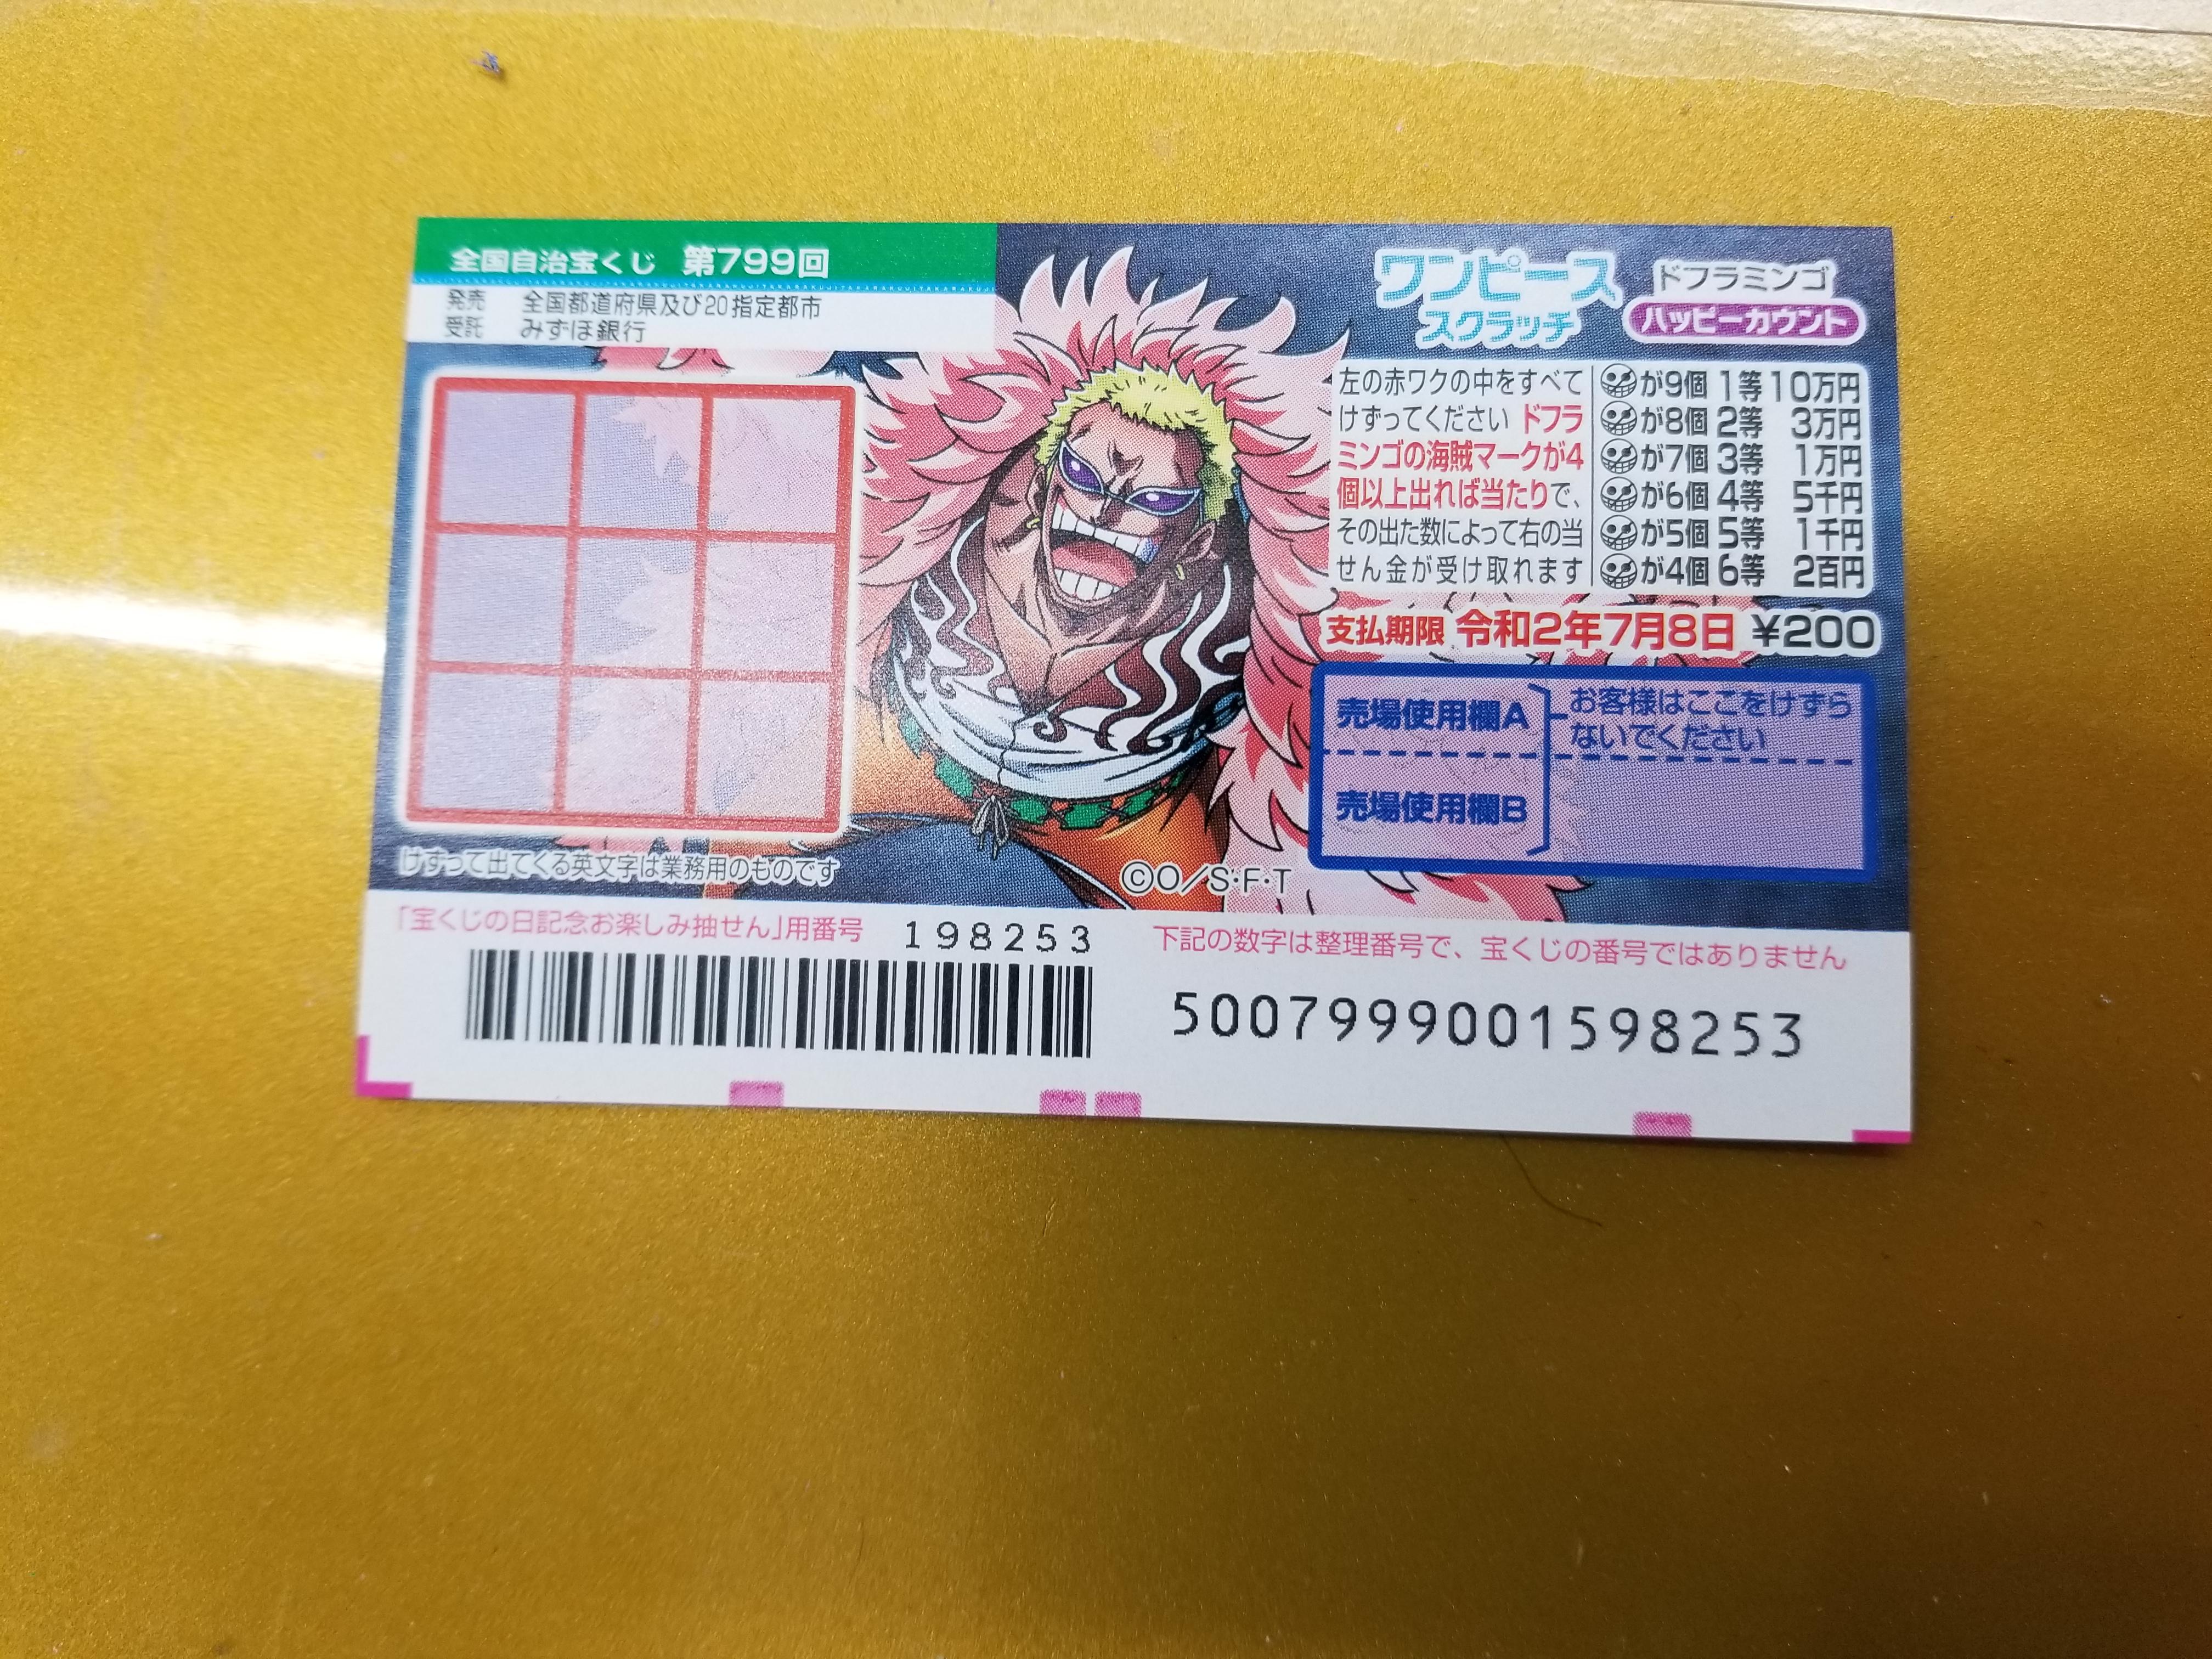 みずほ 番号 案内 宝くじ 銀行 当選